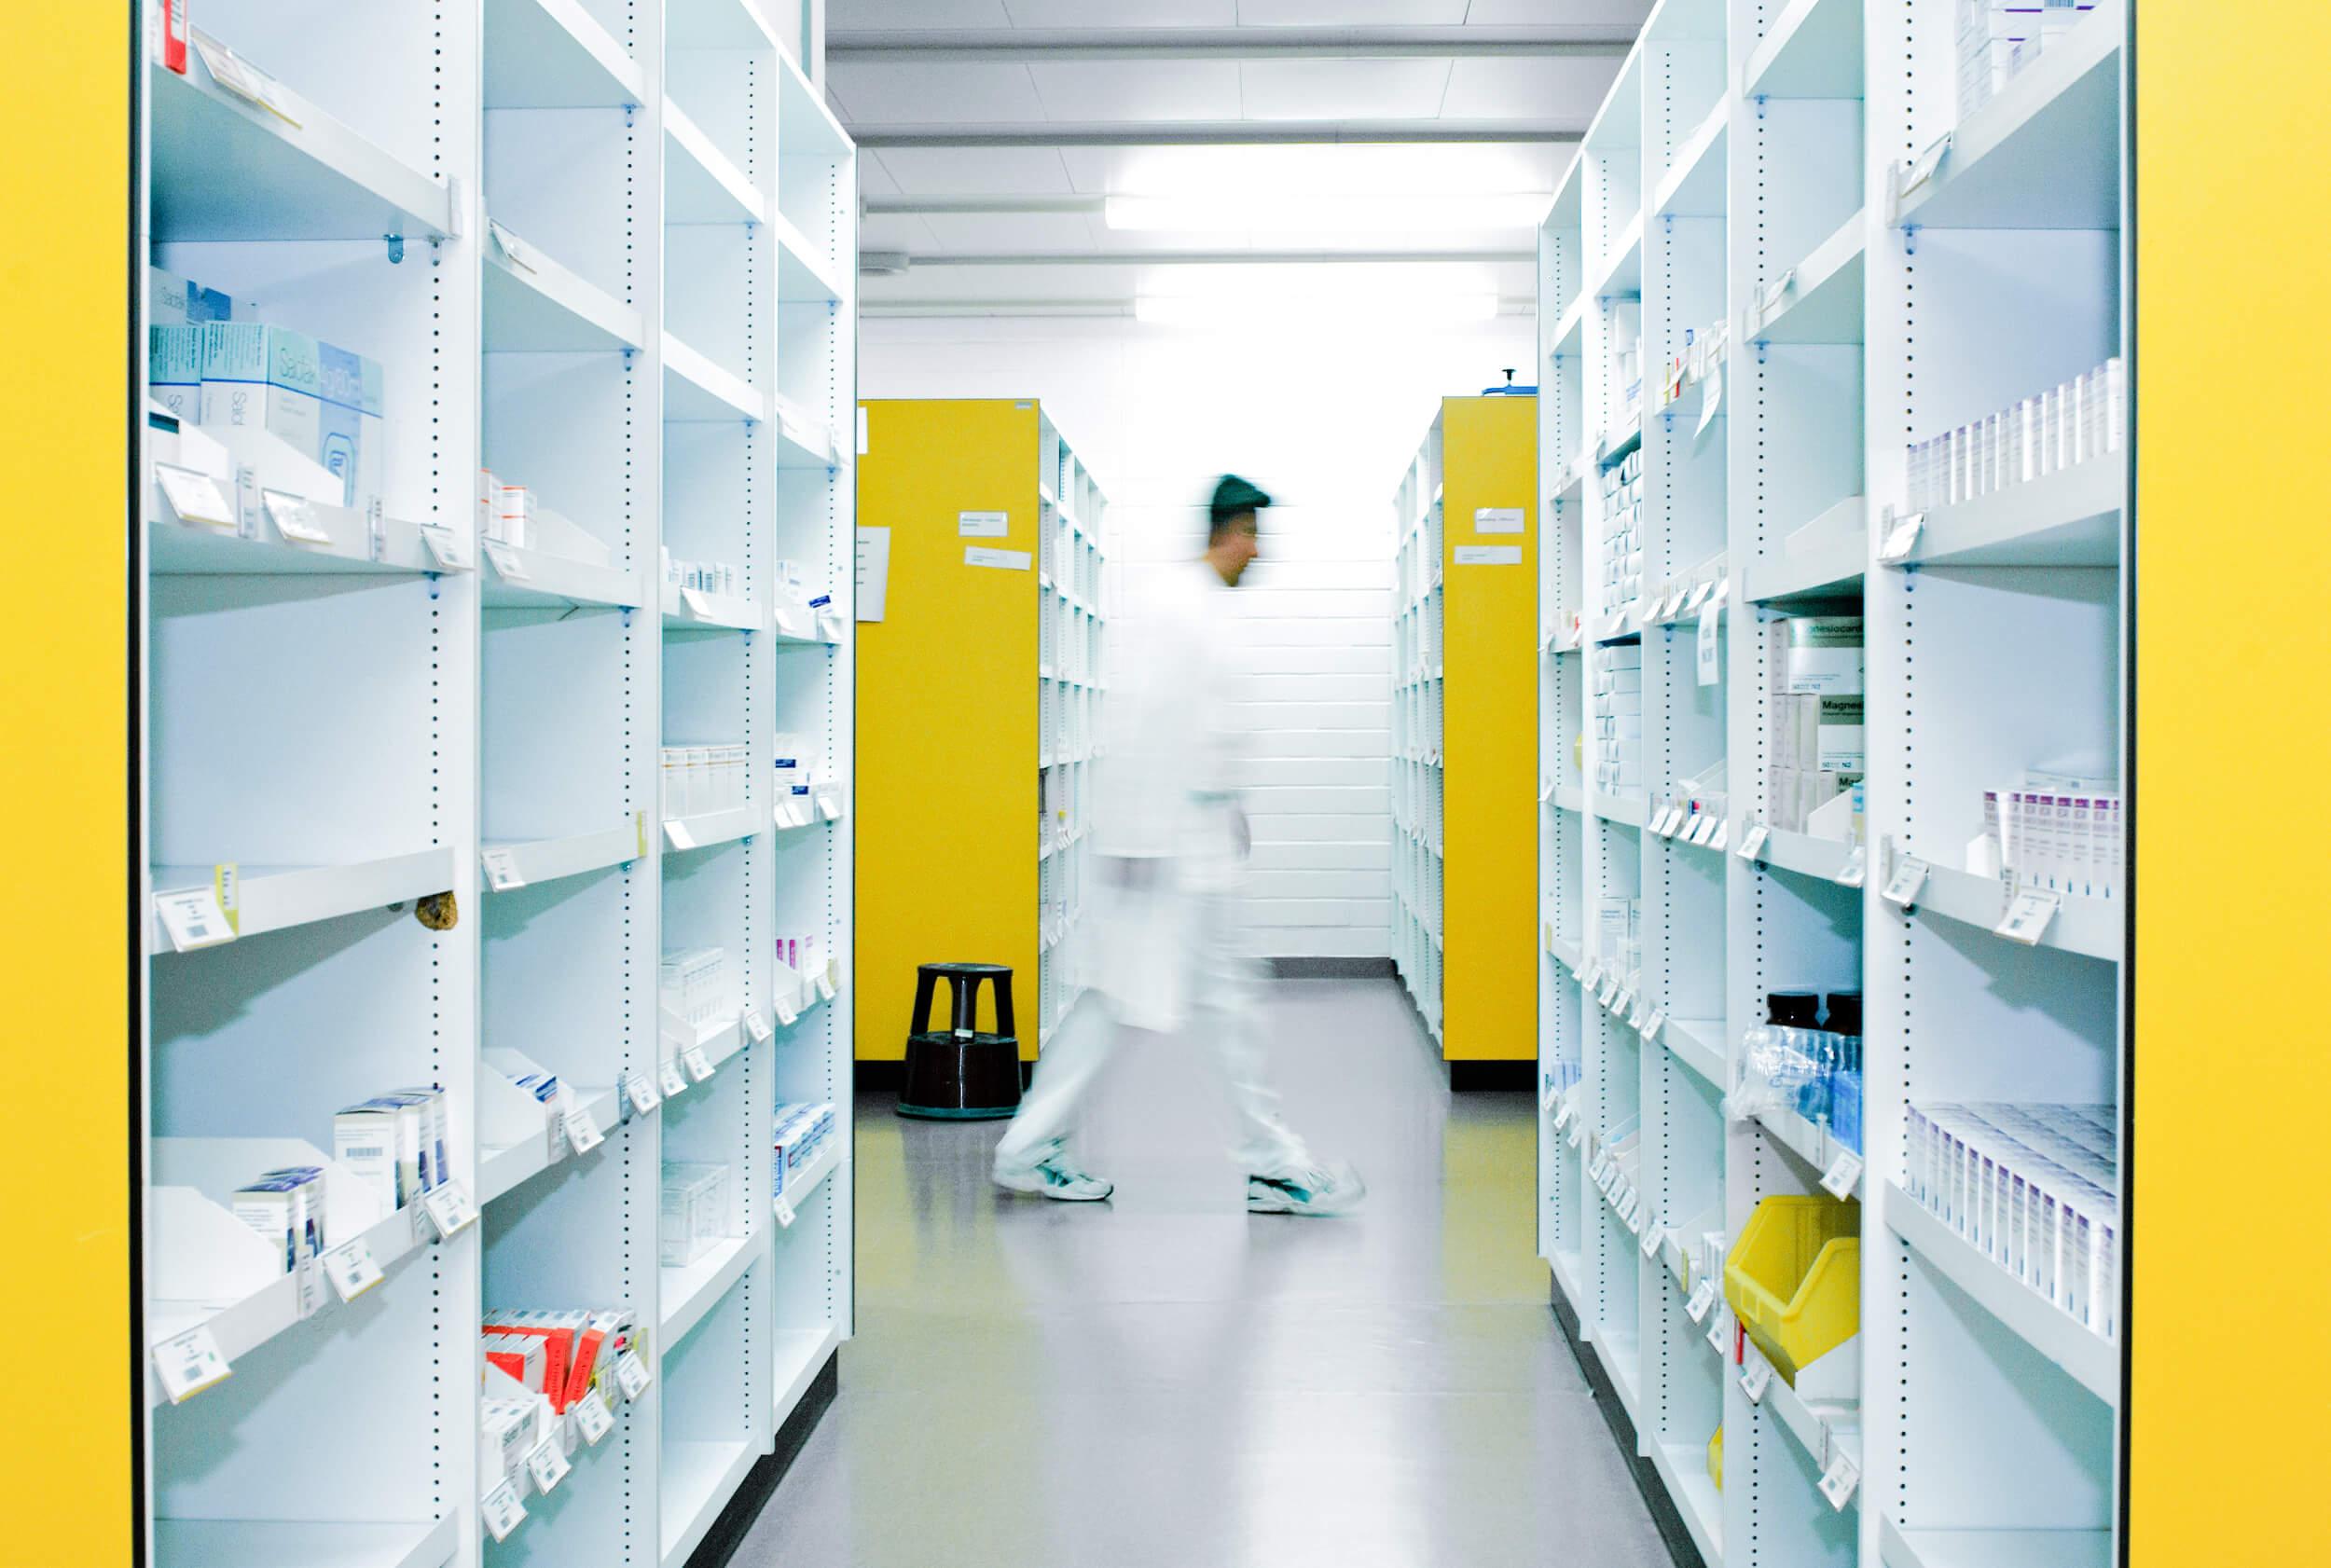 Hikma Pharmaceuticals – Liam Bailey